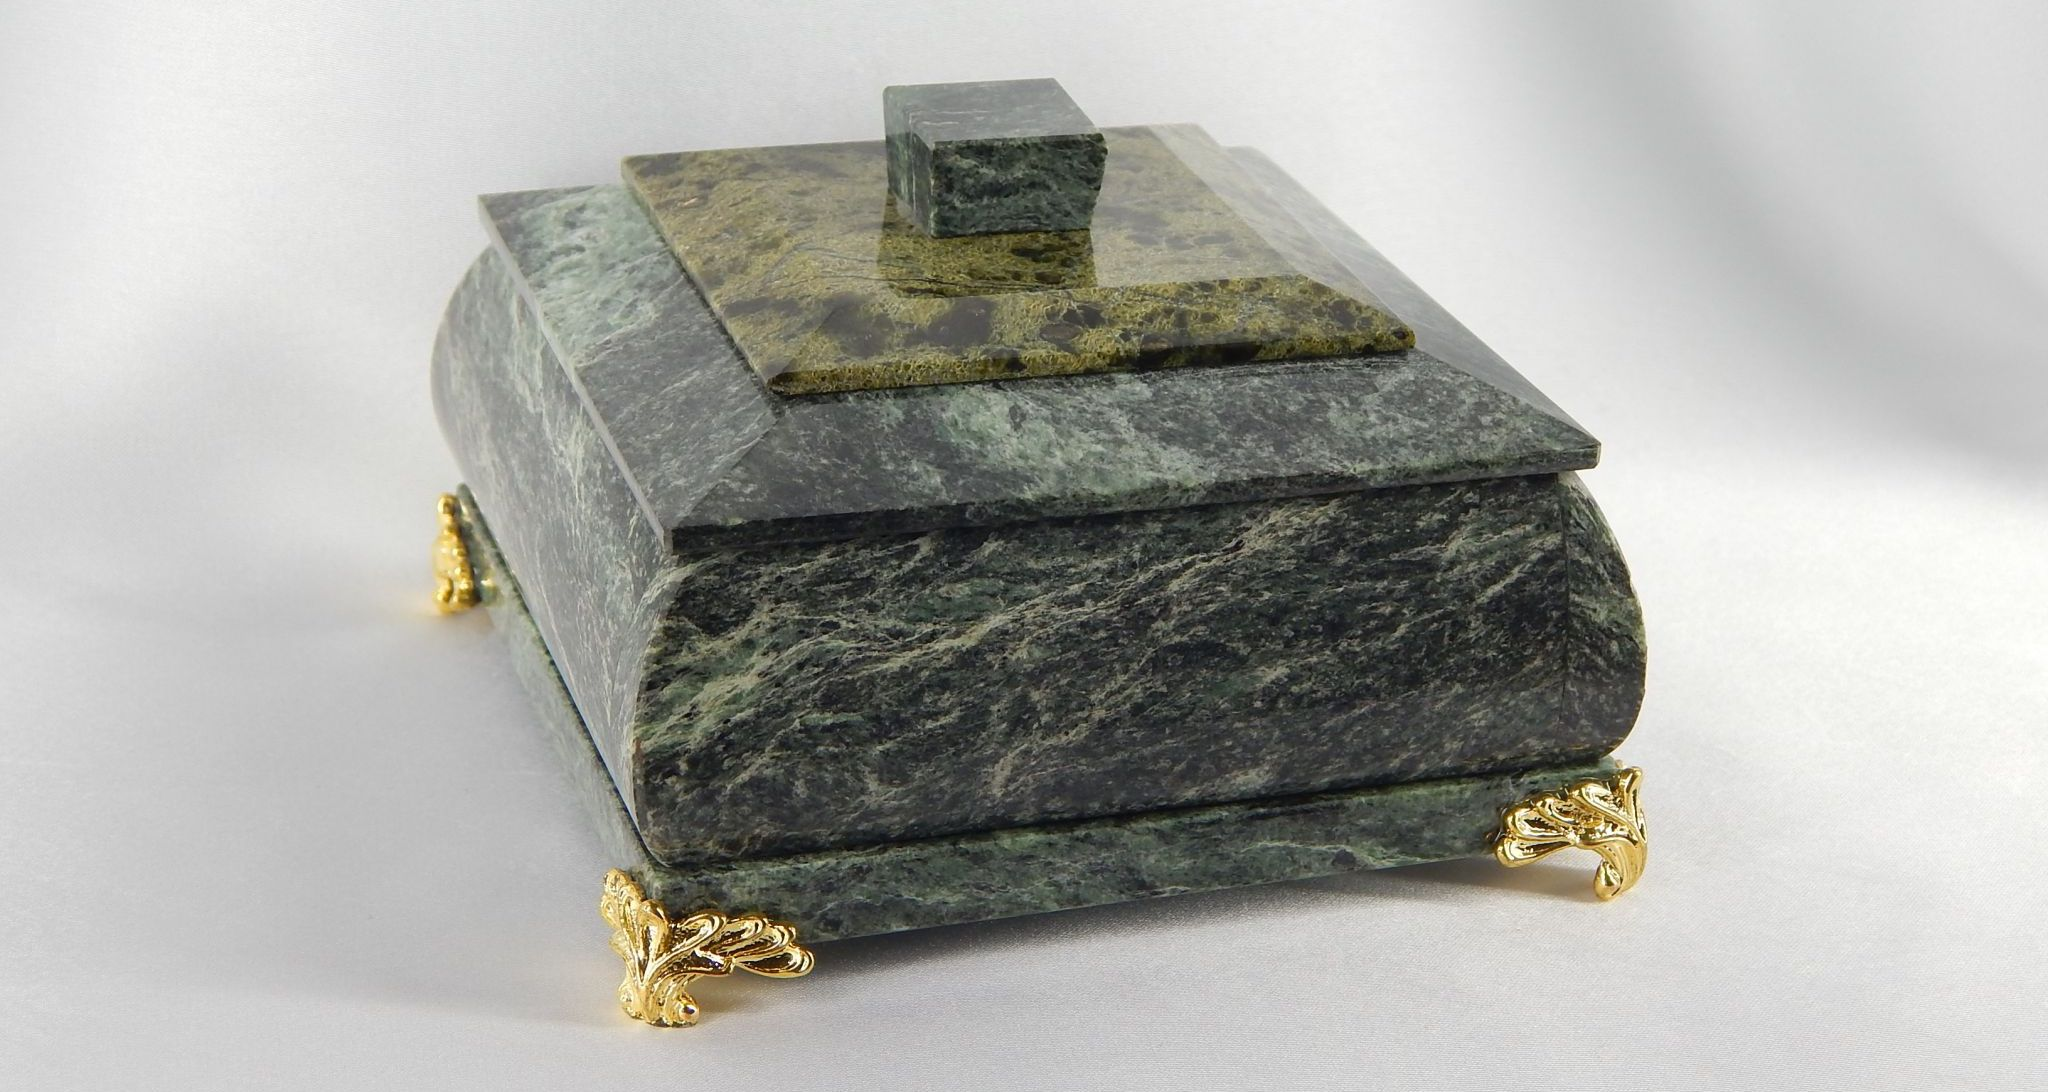 Шкатулки из камня (34 фото): шкатулки из малахита и змеевика, из натурального янтаря и оникса, другие варианты